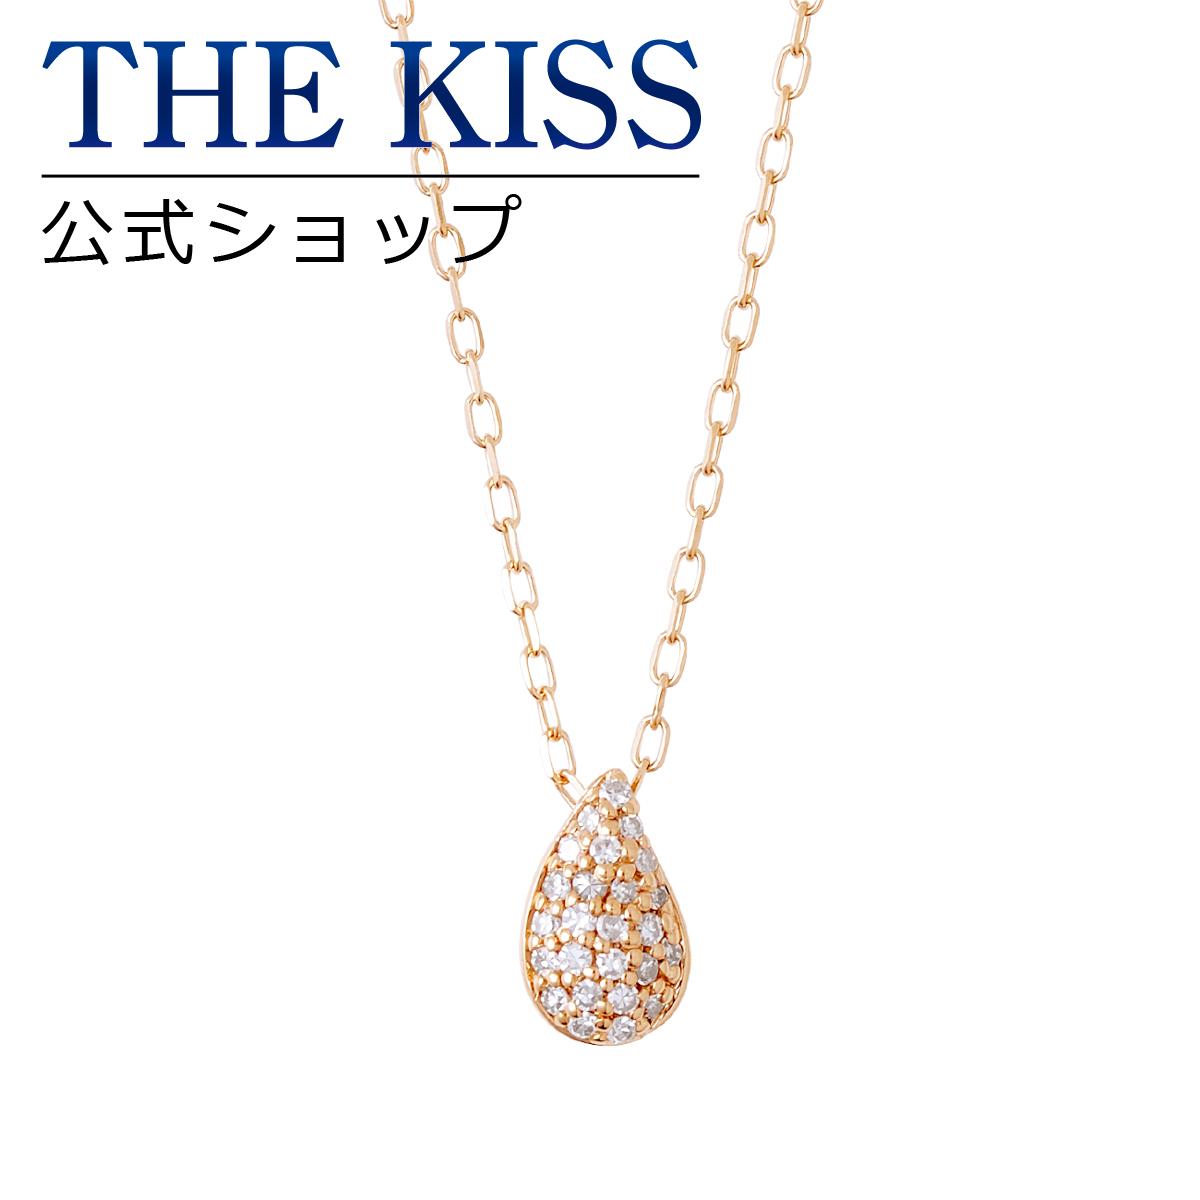 【あす楽対応】【送料無料】【THE KISS sweets】 K10ピンクゴールド ダイヤモンド レディース ネックレス 40cm ☆ ダイヤモンド ゴールド レディース ネックレス 首飾り ブランド Ladies Necklace PAVE-01PG